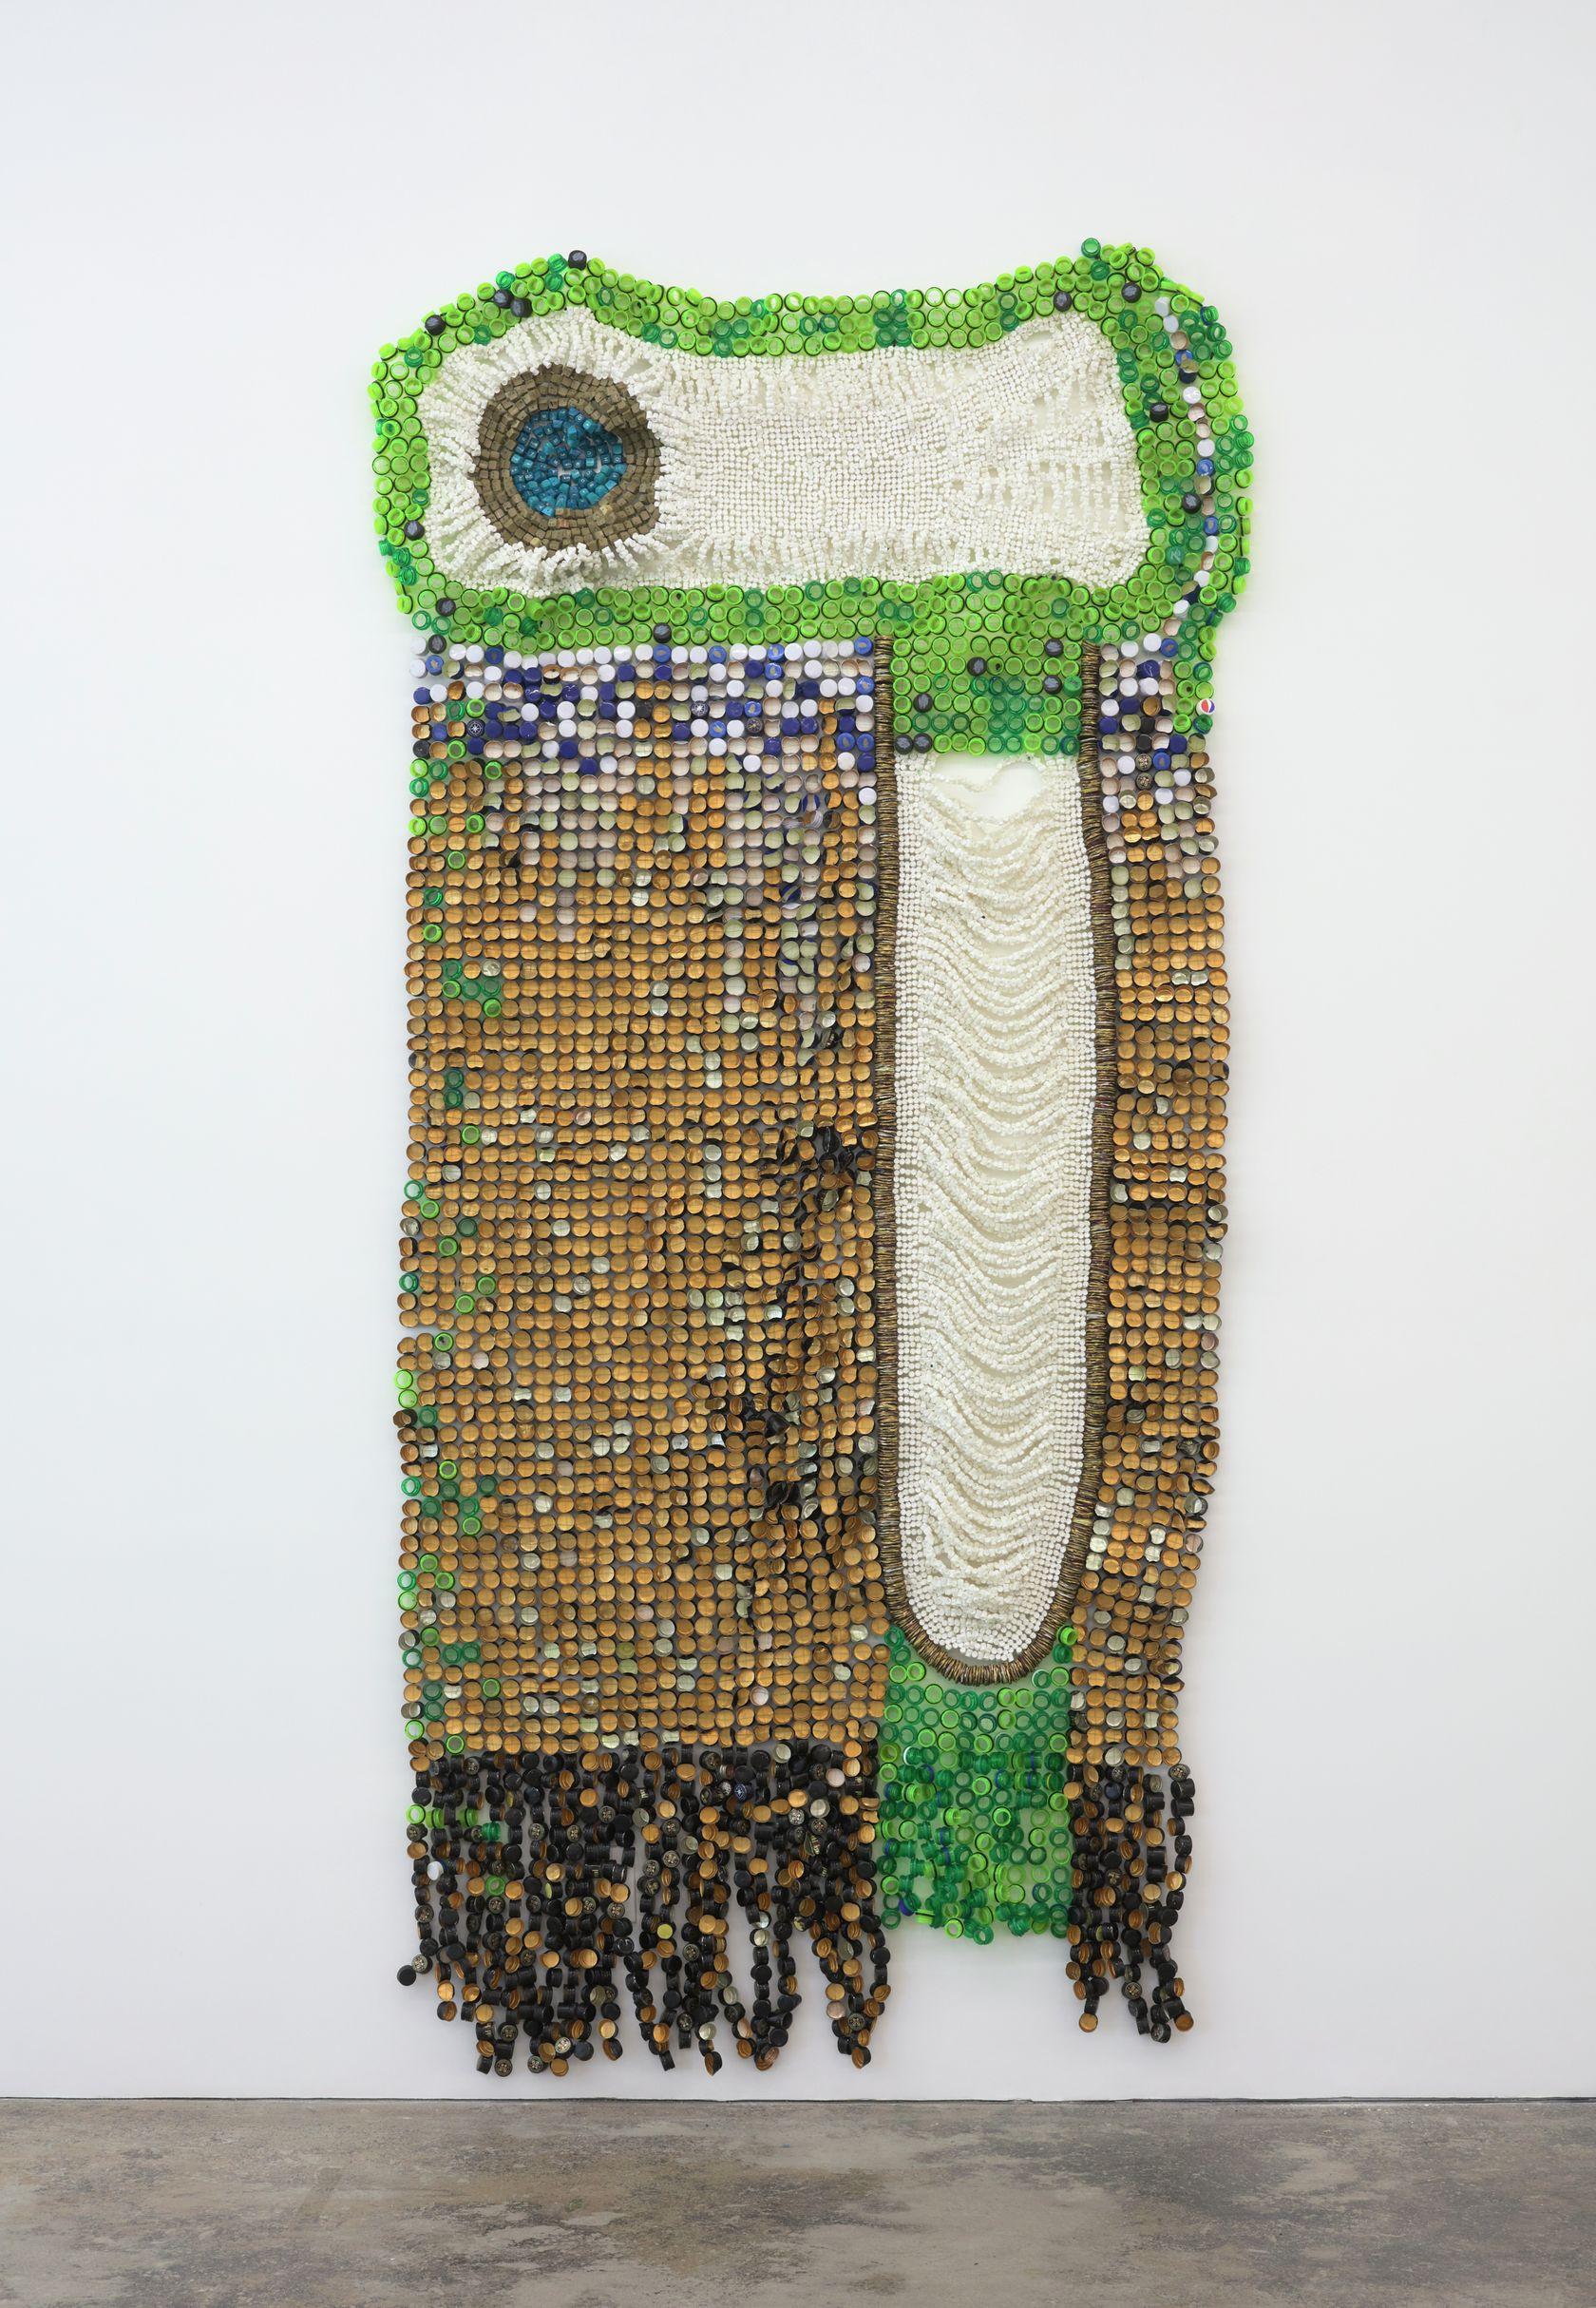 Moffat Takadiwa, Number 8, 2020 Bouchons de bouteille en plastique, bouchons de bouteille en aluminium, bouchons d'aérosol en plastique, touches de clavier en plastique298 × 143.5 × 10 cm / 117 3/8 × 56 1/2 × 3 7/8 in.